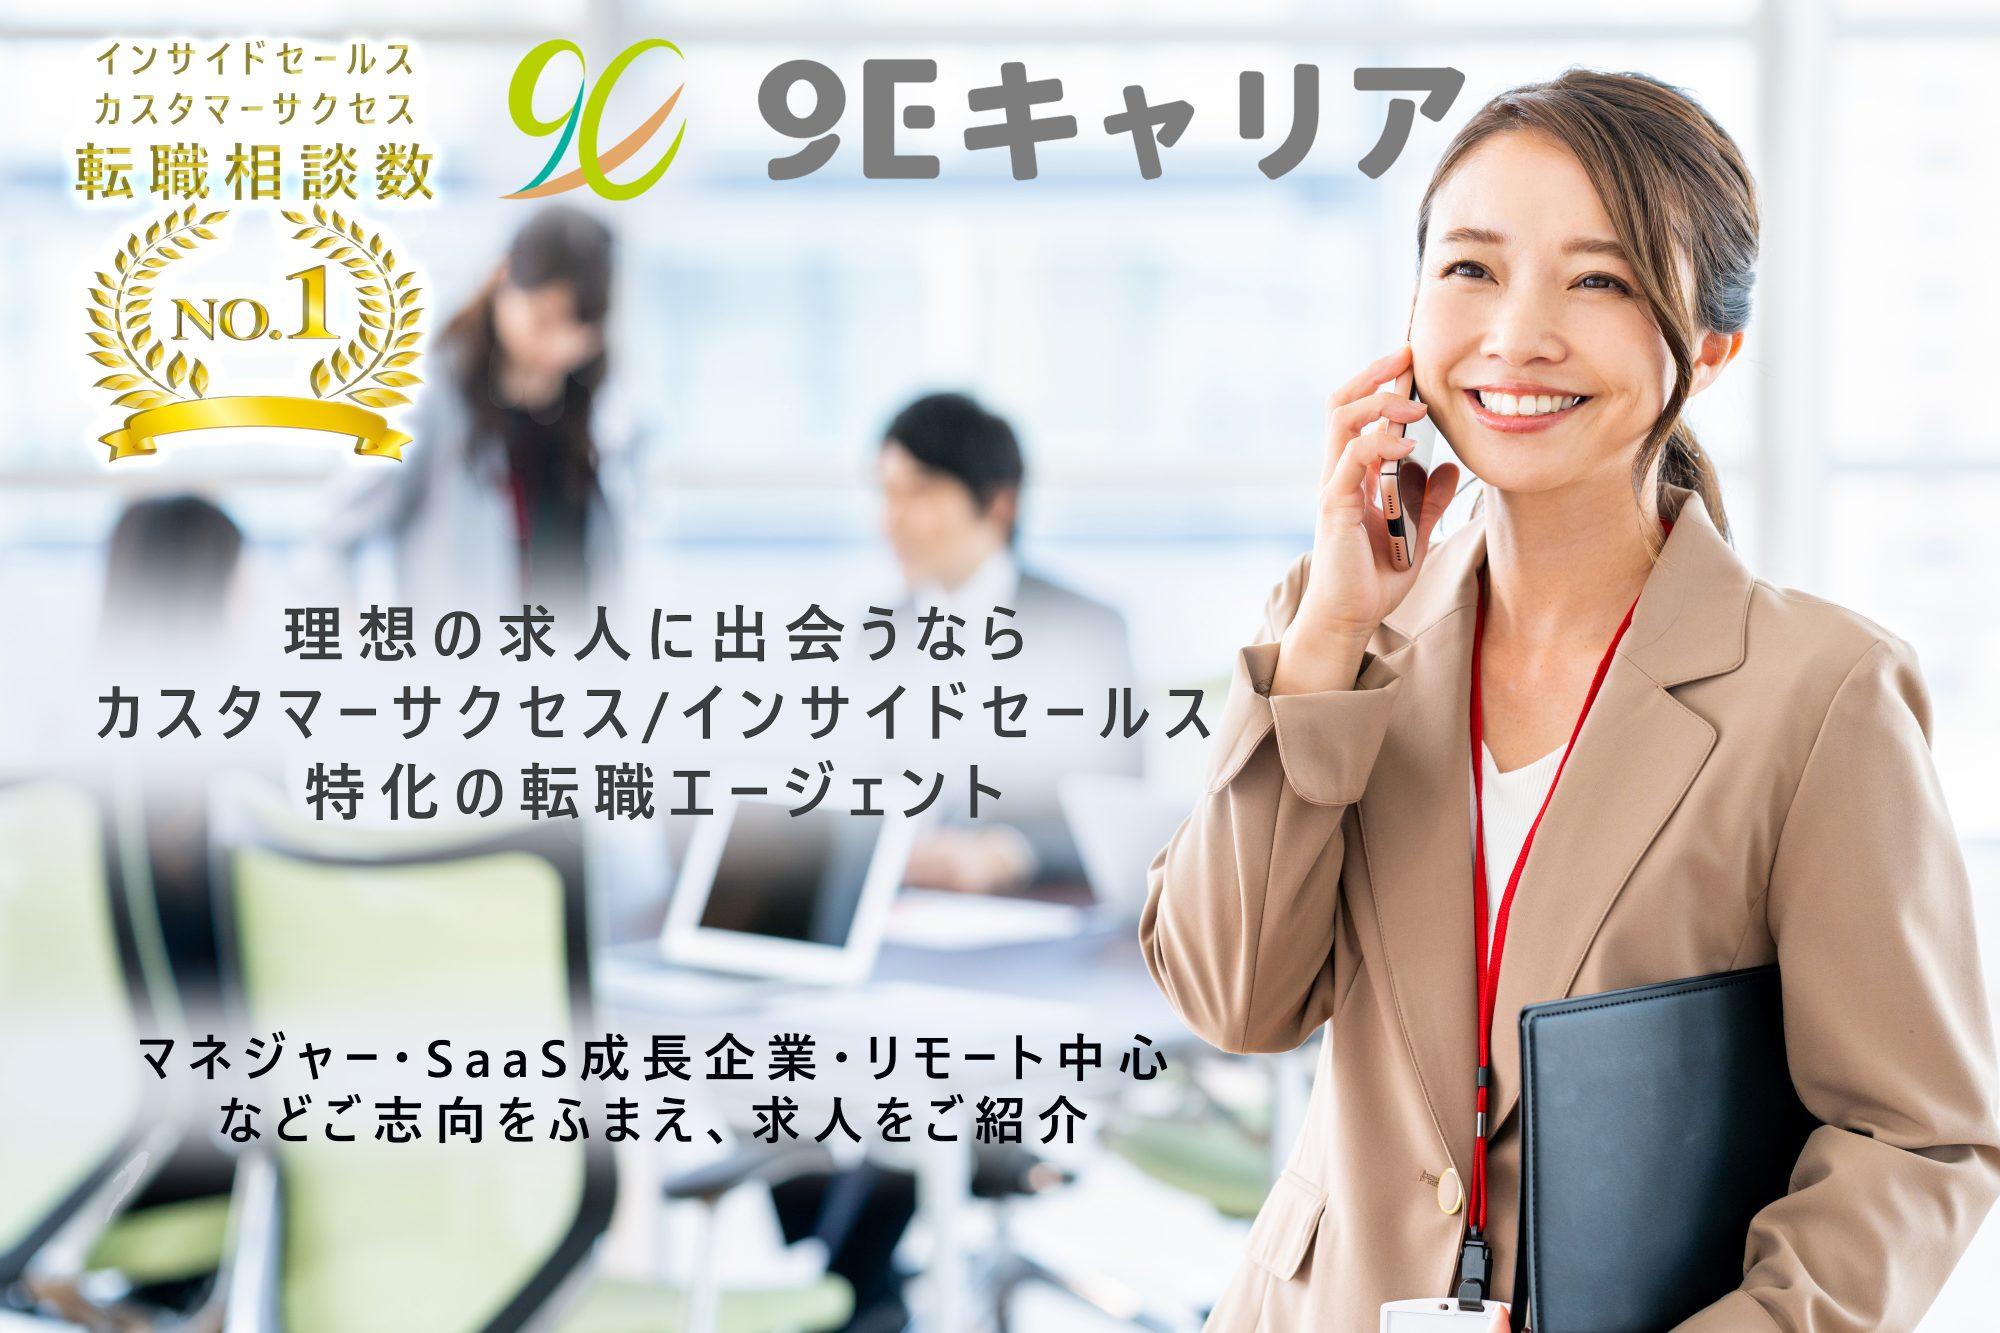 カスタマーサクセス・インサイドセールス職に特化した転職支援サービス